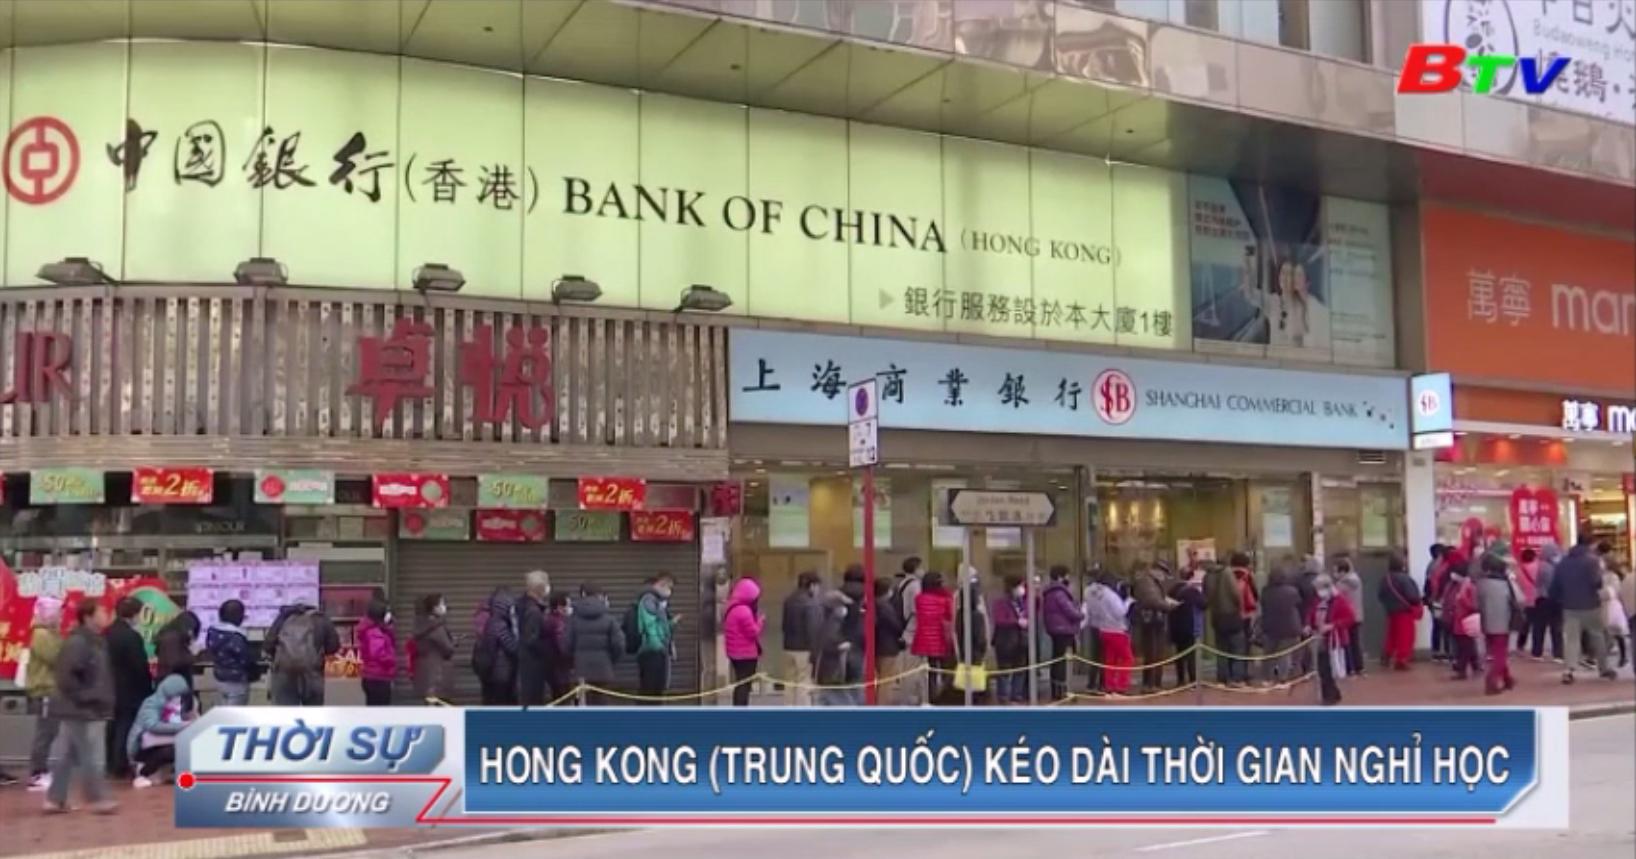 Hong Kong (Trung Quốc) kéo dài thời gian nghỉ học